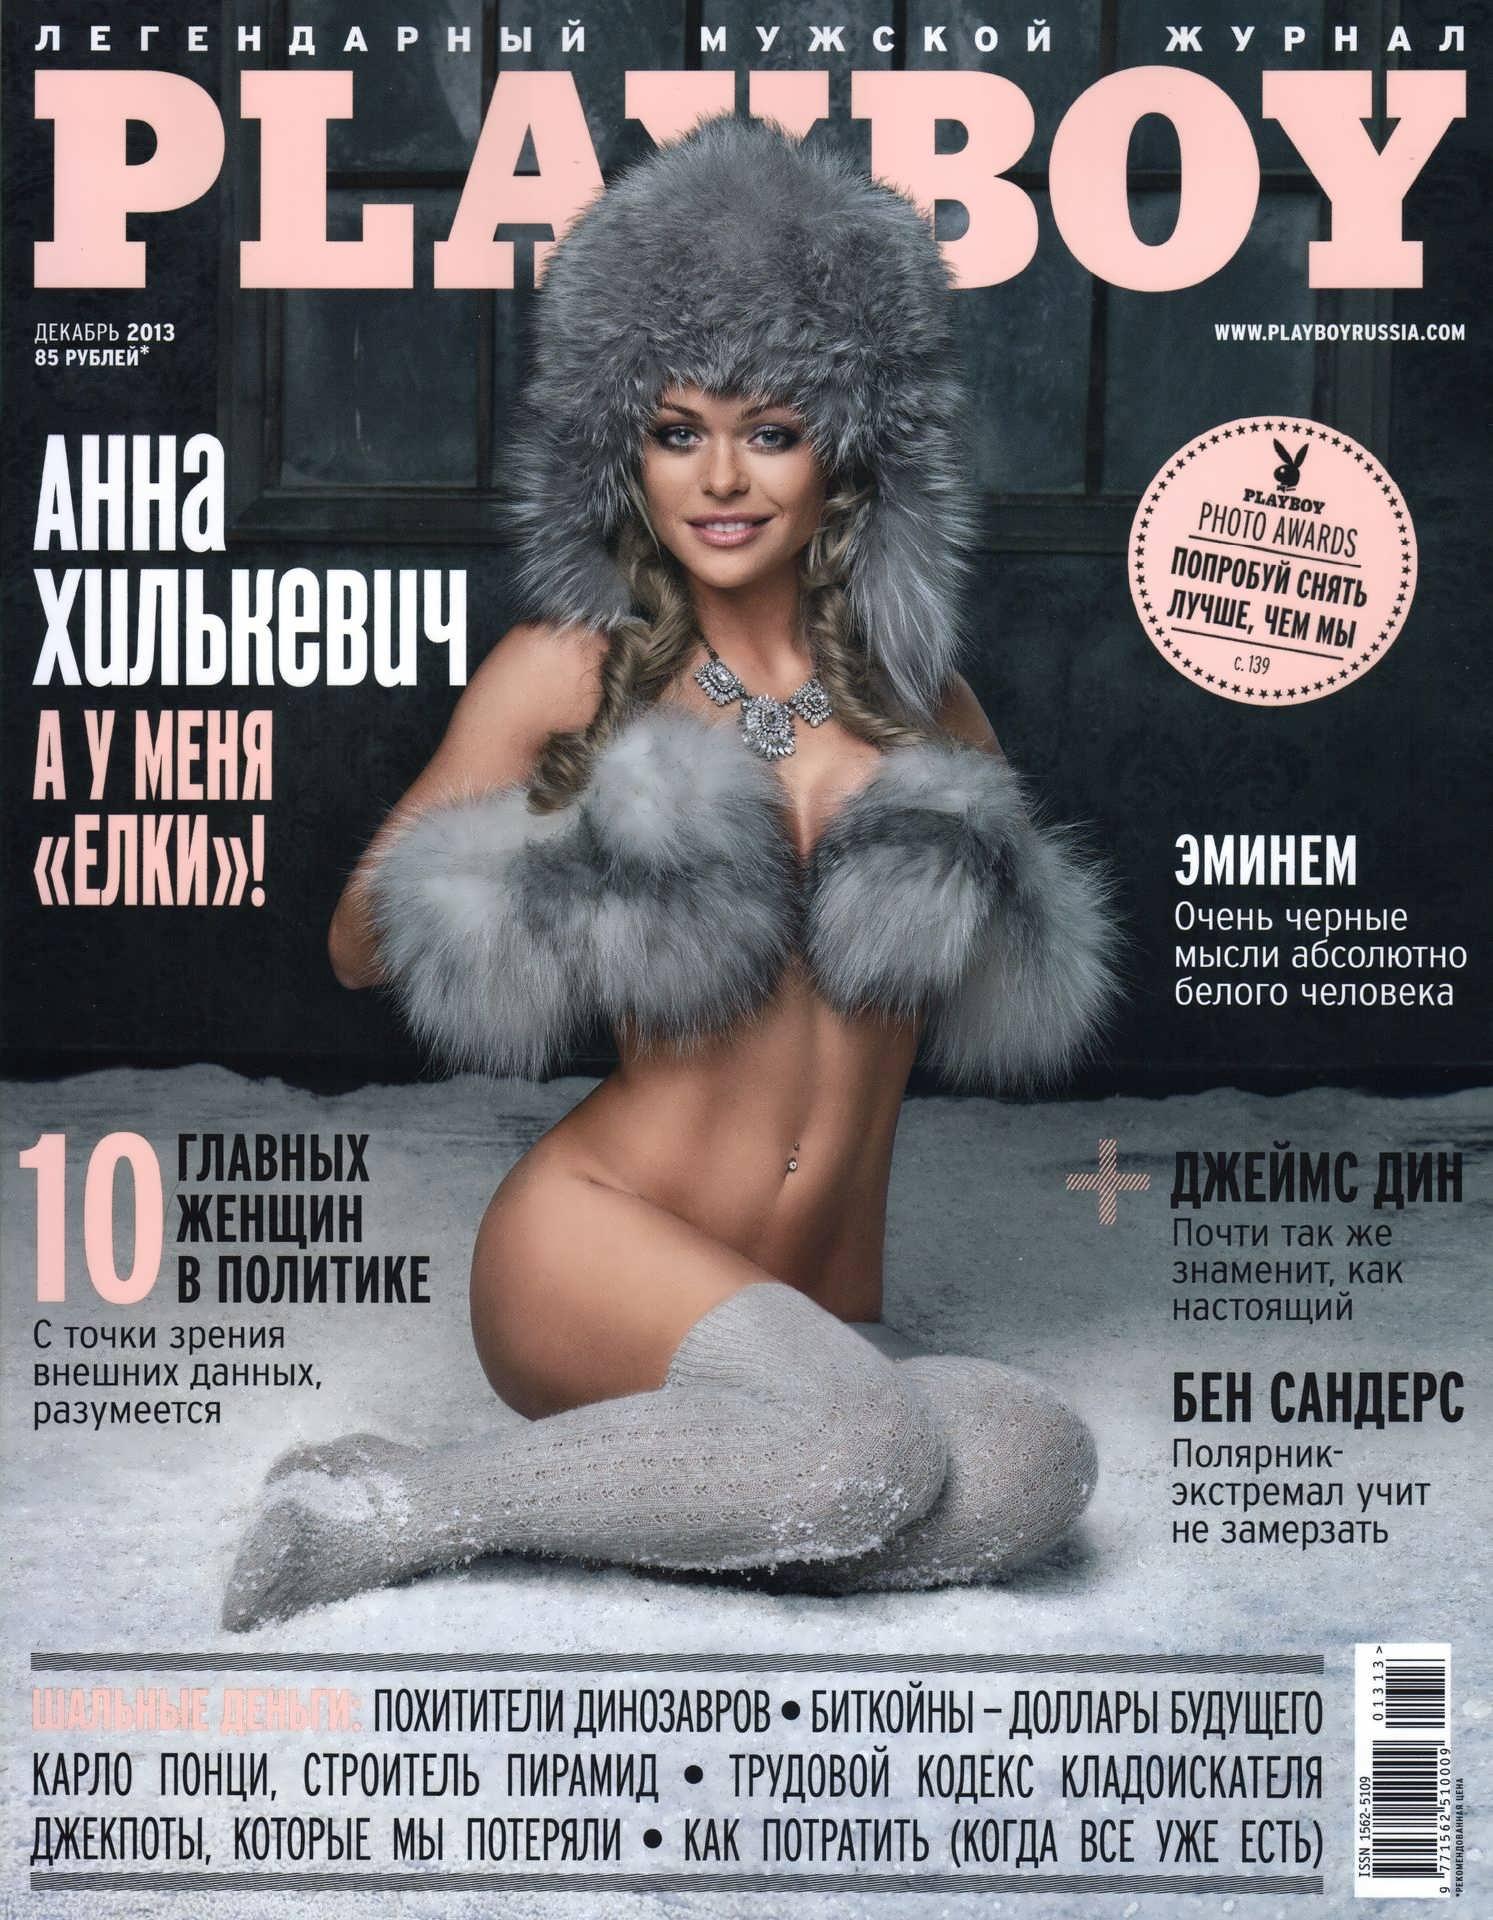 pleyboy-russkie-znamenitosti